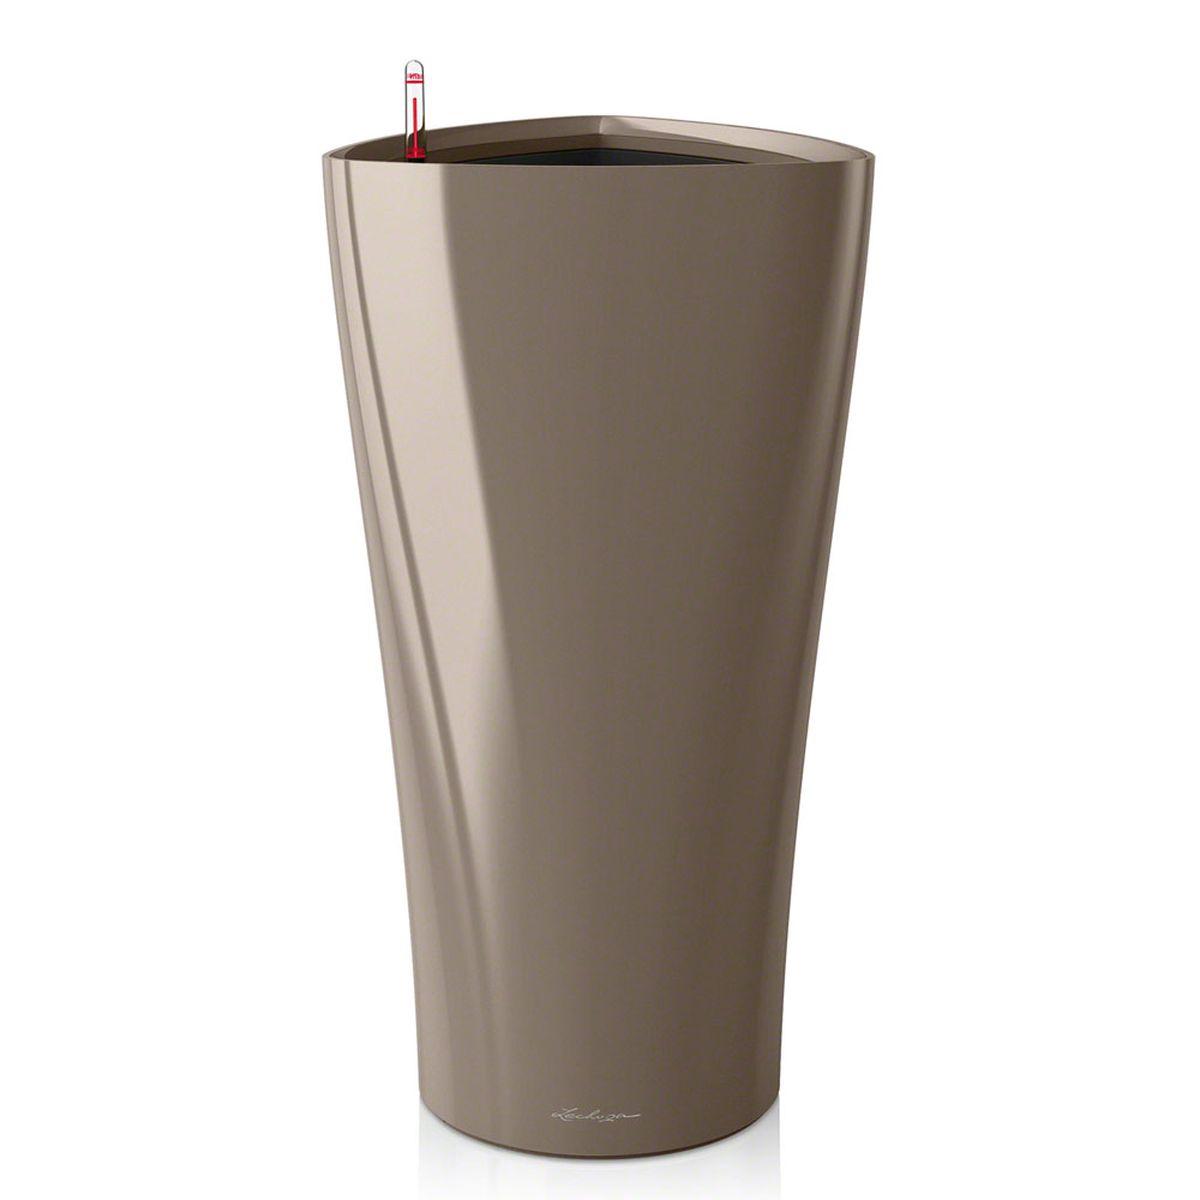 Кашпо Lechuza Delta, с системой автополива, цвет: серо-коричневый, 40 х 40 х 75 см15544Кашпо Lechuza Delta, выполненное из высококачественного пластика, имеет уникальную систему автополива, благодаря которой корневая система растения непрерывно снабжается влагой из резервуара. Уровень воды в резервуаре контролируется с помощью специального индикатора. В зависимости от размера кашпо и растения воды хватает на 2-12 недель. Это способствует хорошему росту цветов и предотвращает переувлажнение. В набор входит: кашпо, внутренний горшок, индикатор уровня воды, резервуар для воды. Внутренний горшок, оснащенный выдвижными ручками, обеспечивает: - легкую переноску даже высоких растений; - легкую смену растений; - можно также просто убрать растения на зиму; - винт в днище позволяет стечь излишней дождевой воде наружу. Кашпо Lechuza Delta прекрасно впишется в интерьер больших холлов, террас ресторанов и уютных гостиных. Изделие поможет расставить нужные акценты и придаст помещению вид, соответствующий вашим представлениям.